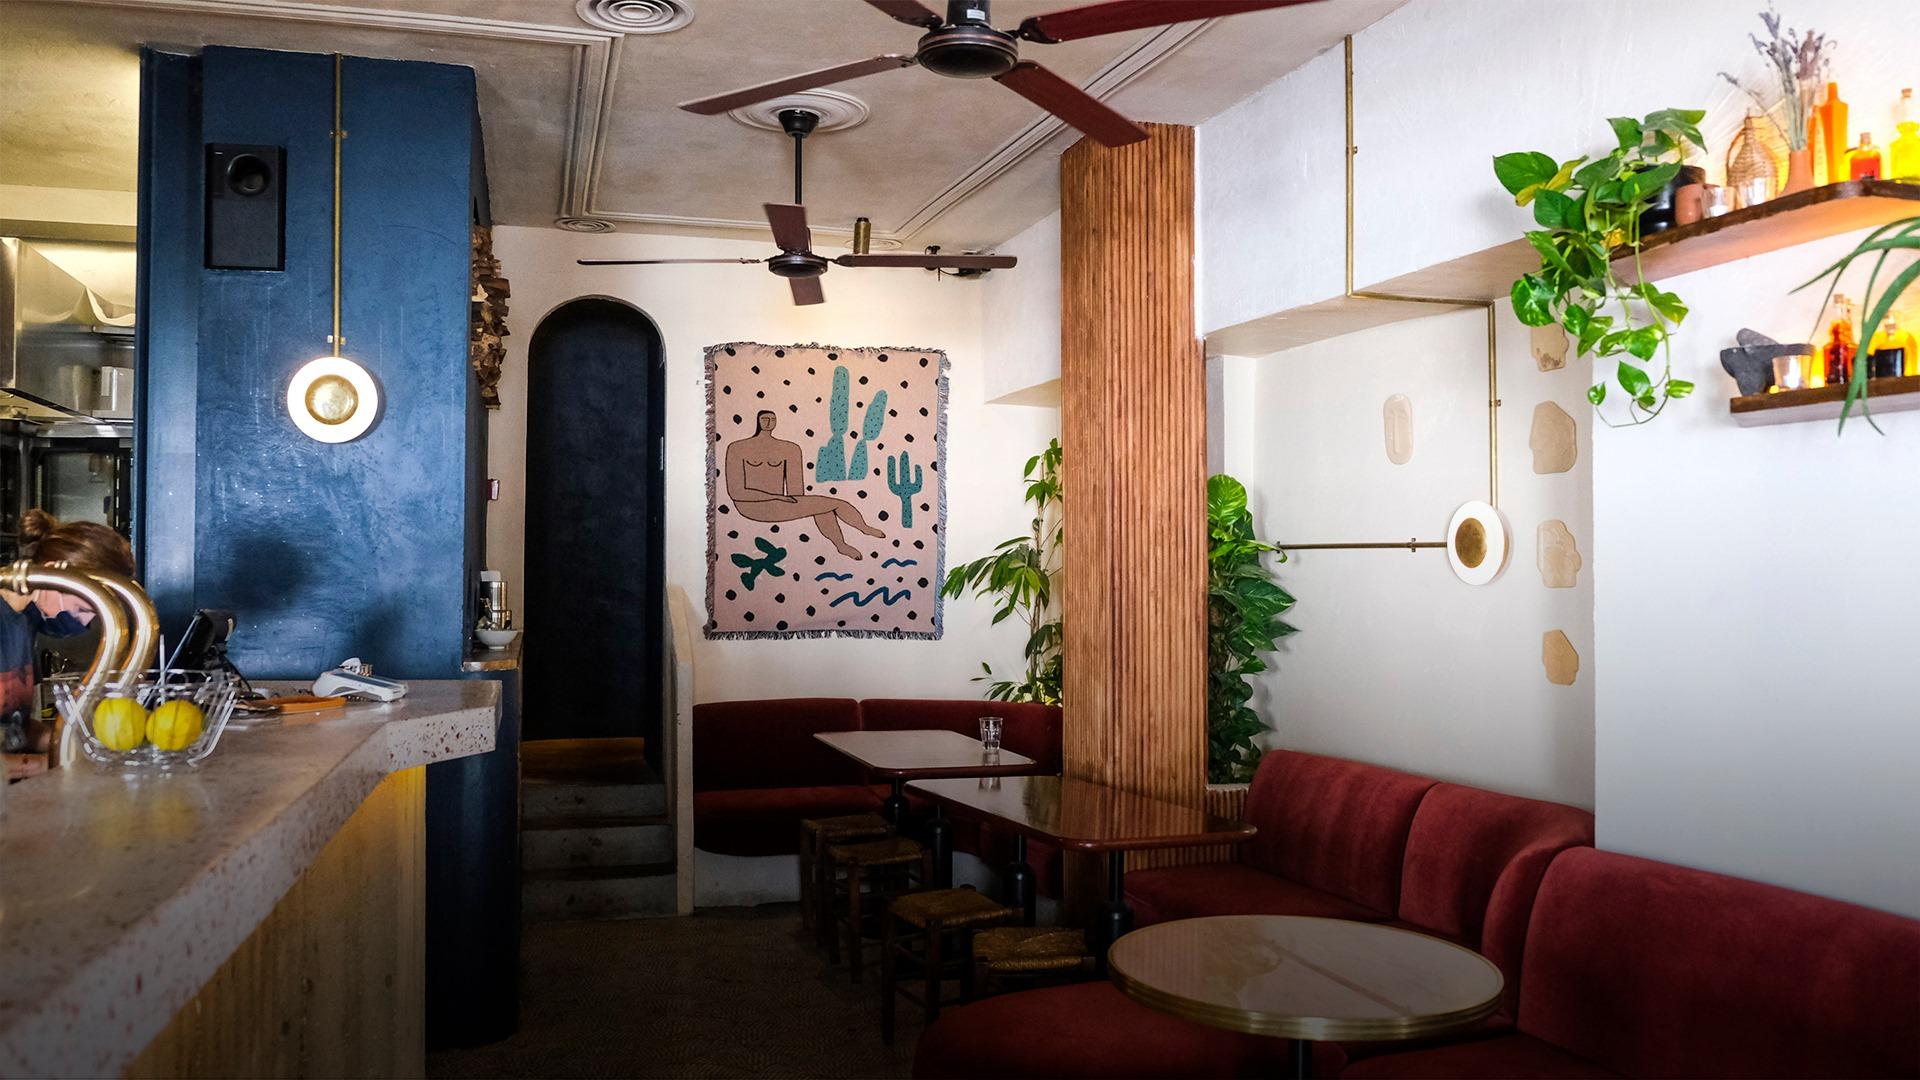 Palma Cantina: o novo spot do Intendente com cocktails, empanadas e pequenos-almoços